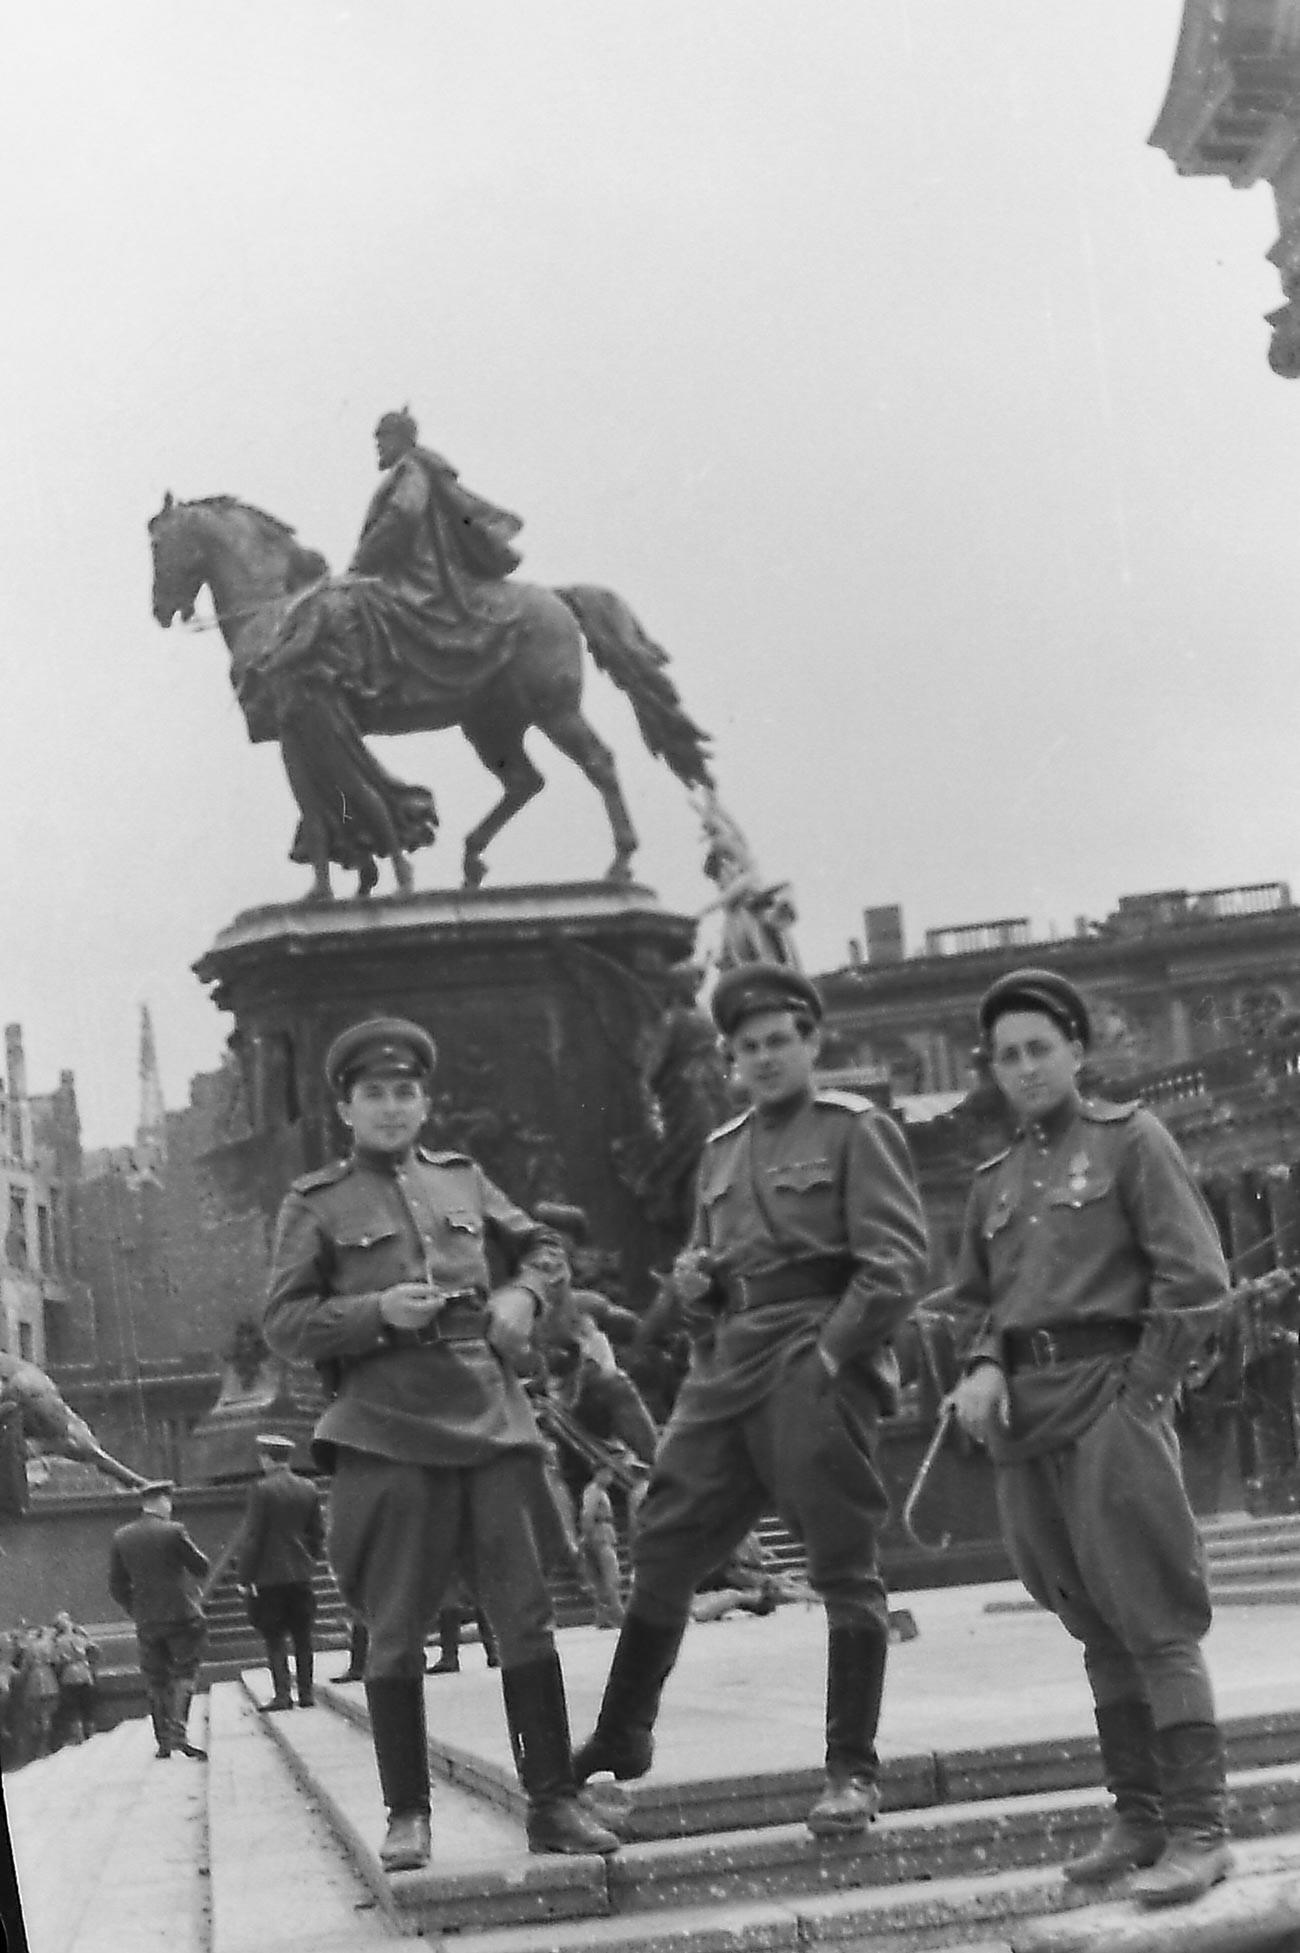 Режиссёр Леон Сааков (по центру), фронтовые кинооператоры Илья Аронс и Михаил Посельский. Берлин, июнь 1945г.